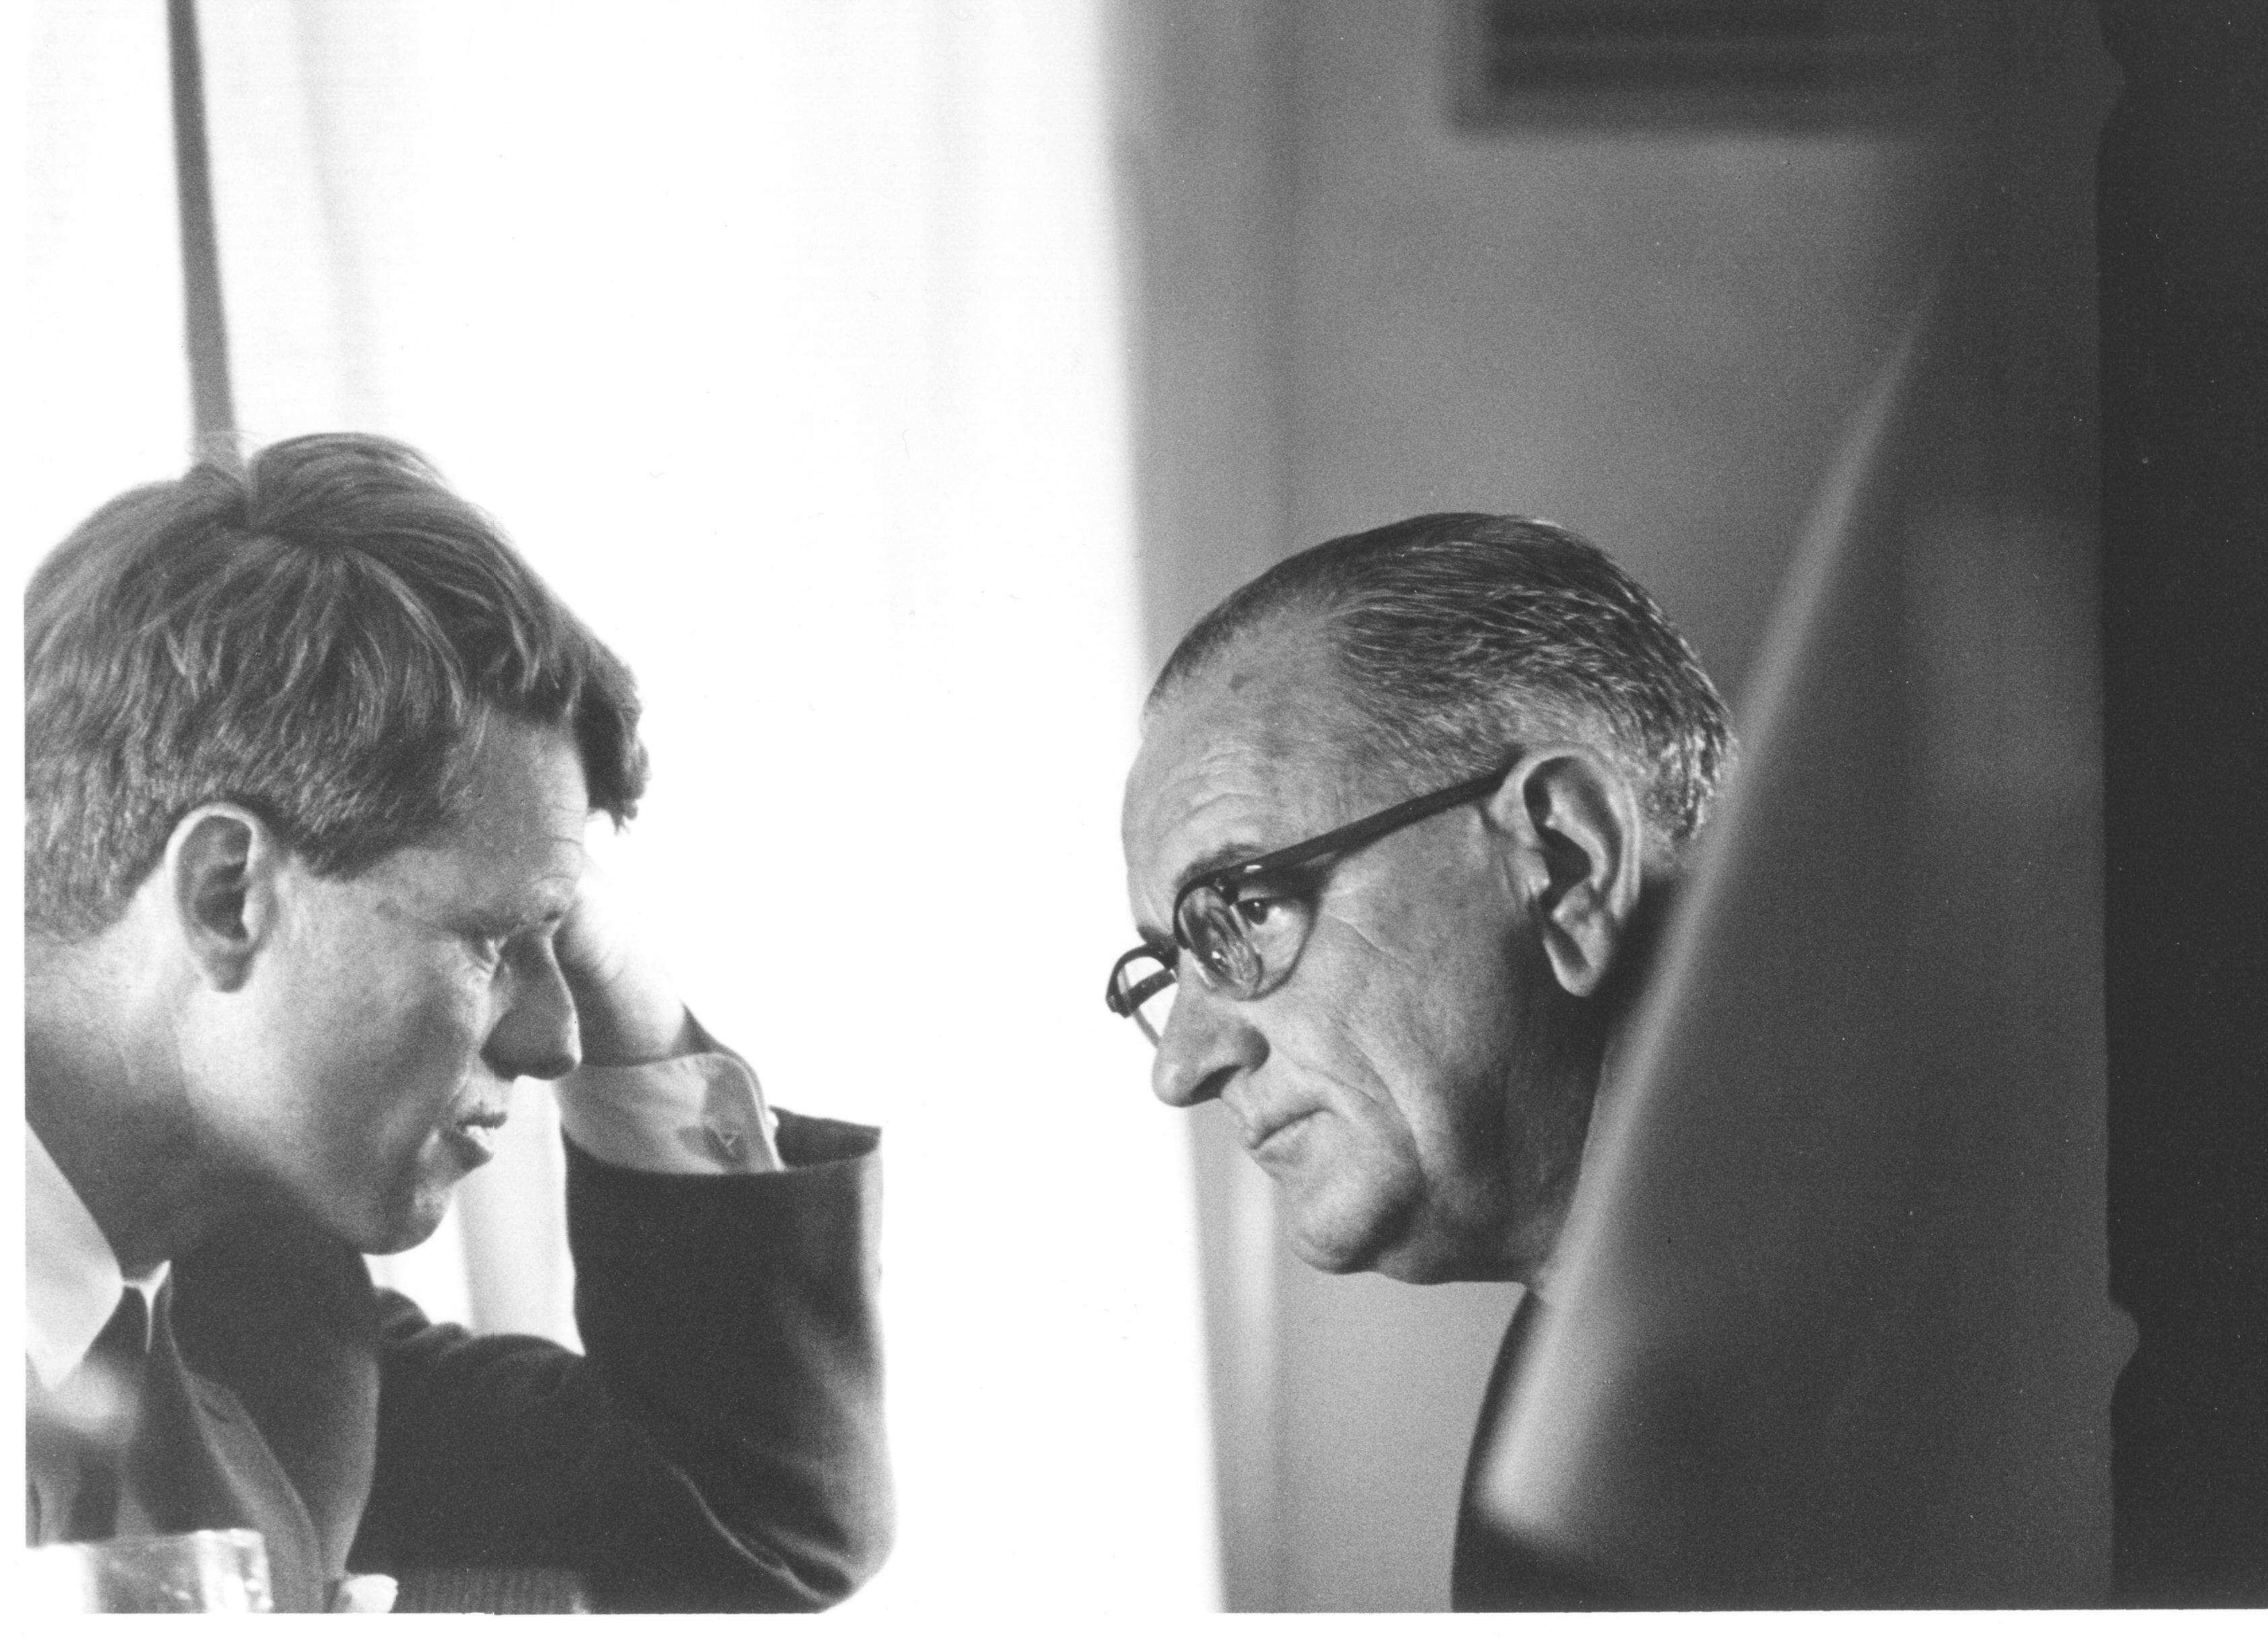 LBJ talks to RFK